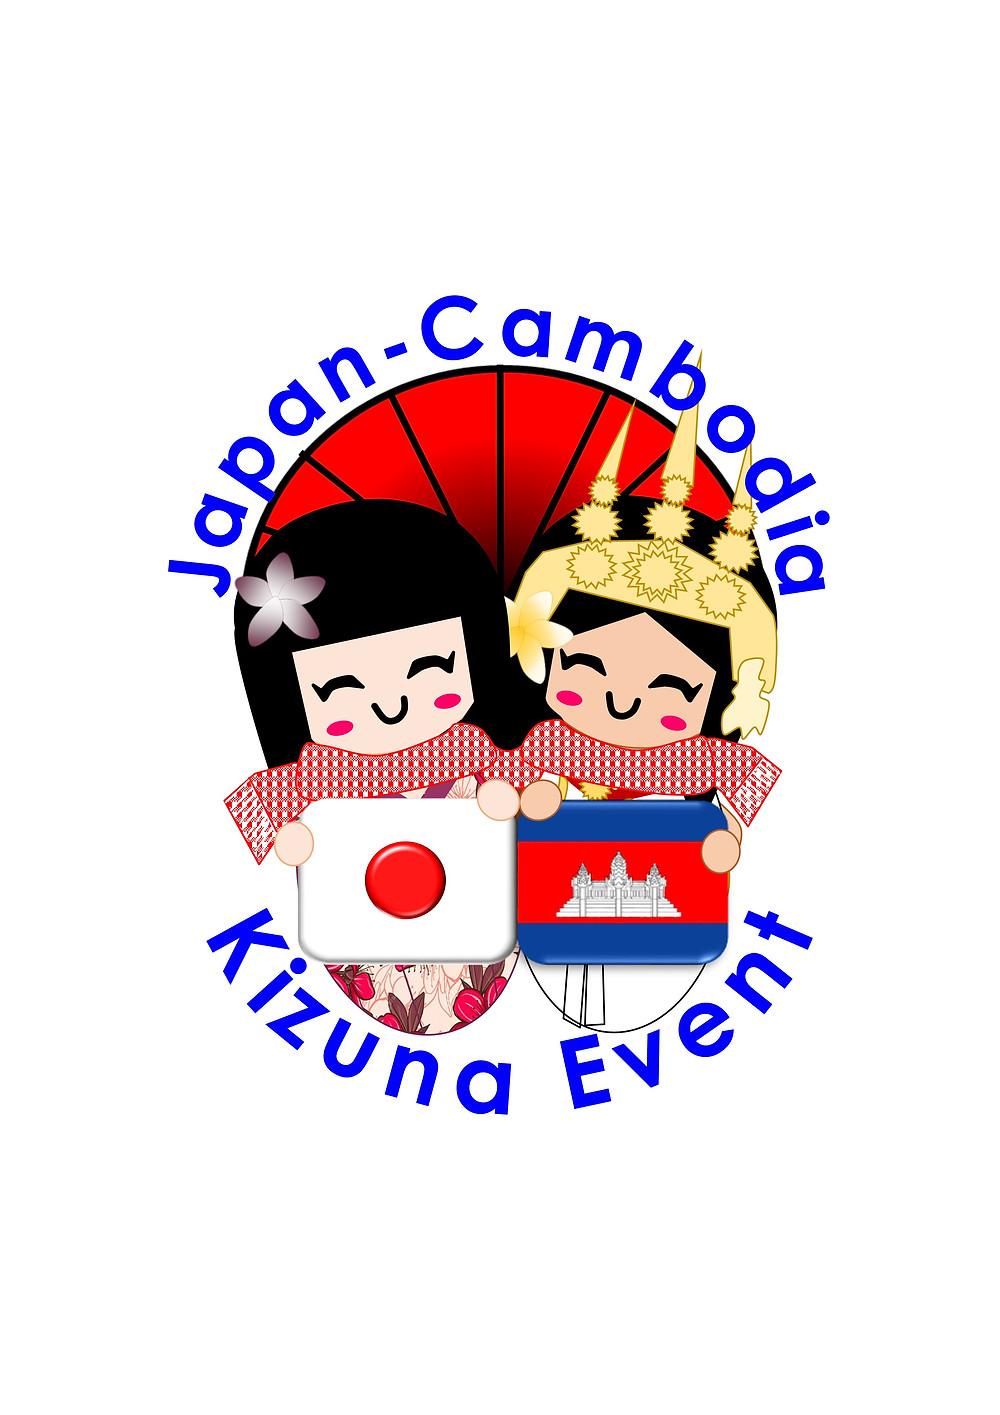 日カンボジア絆増進事業ロゴ